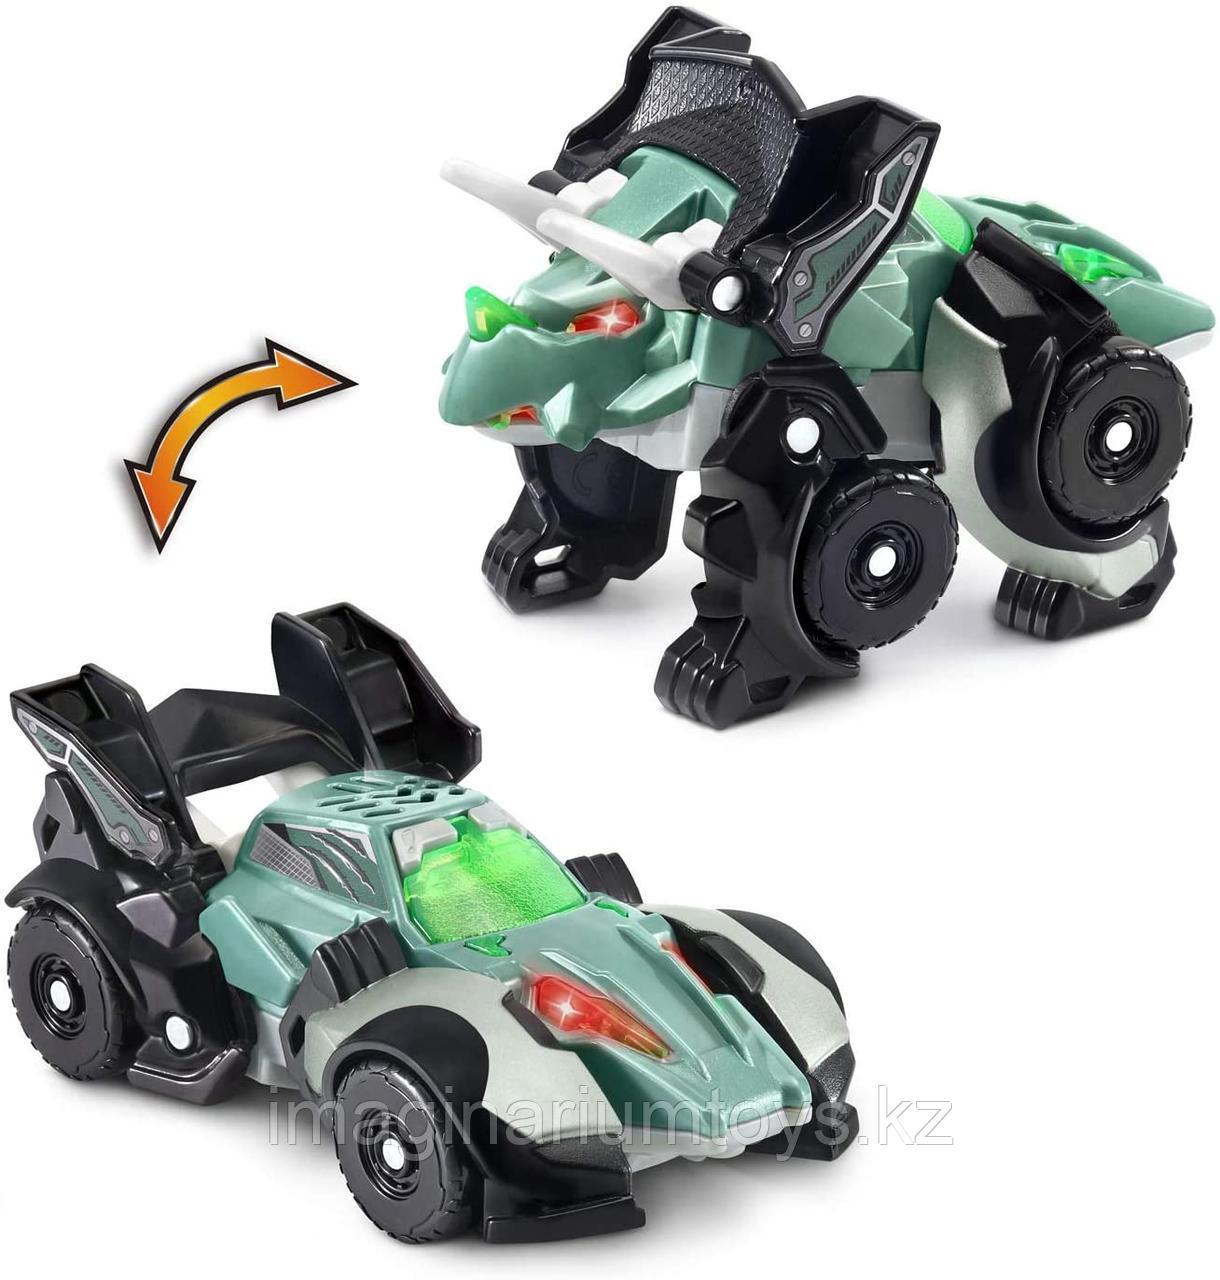 Машинка динозавр трансформер VTech Switch&Go Dinos Трицератопс мини